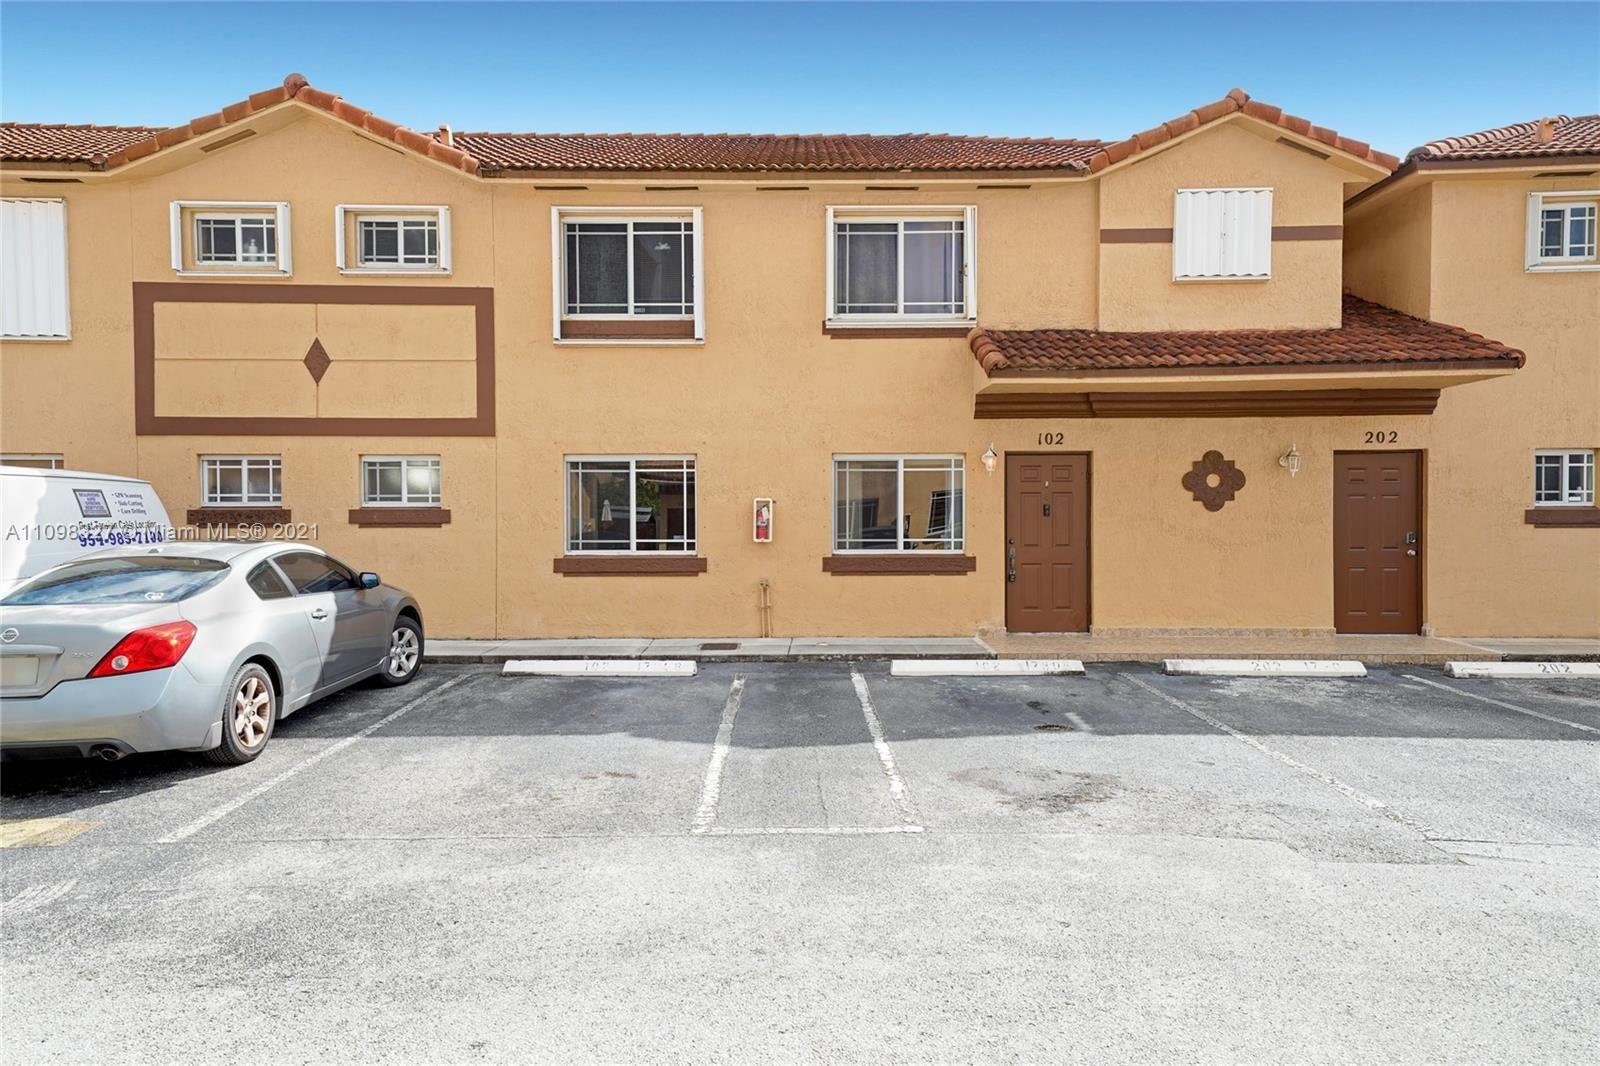 17308 NW 74th Ave #102, Hialeah, FL 33015 - #: A11098327